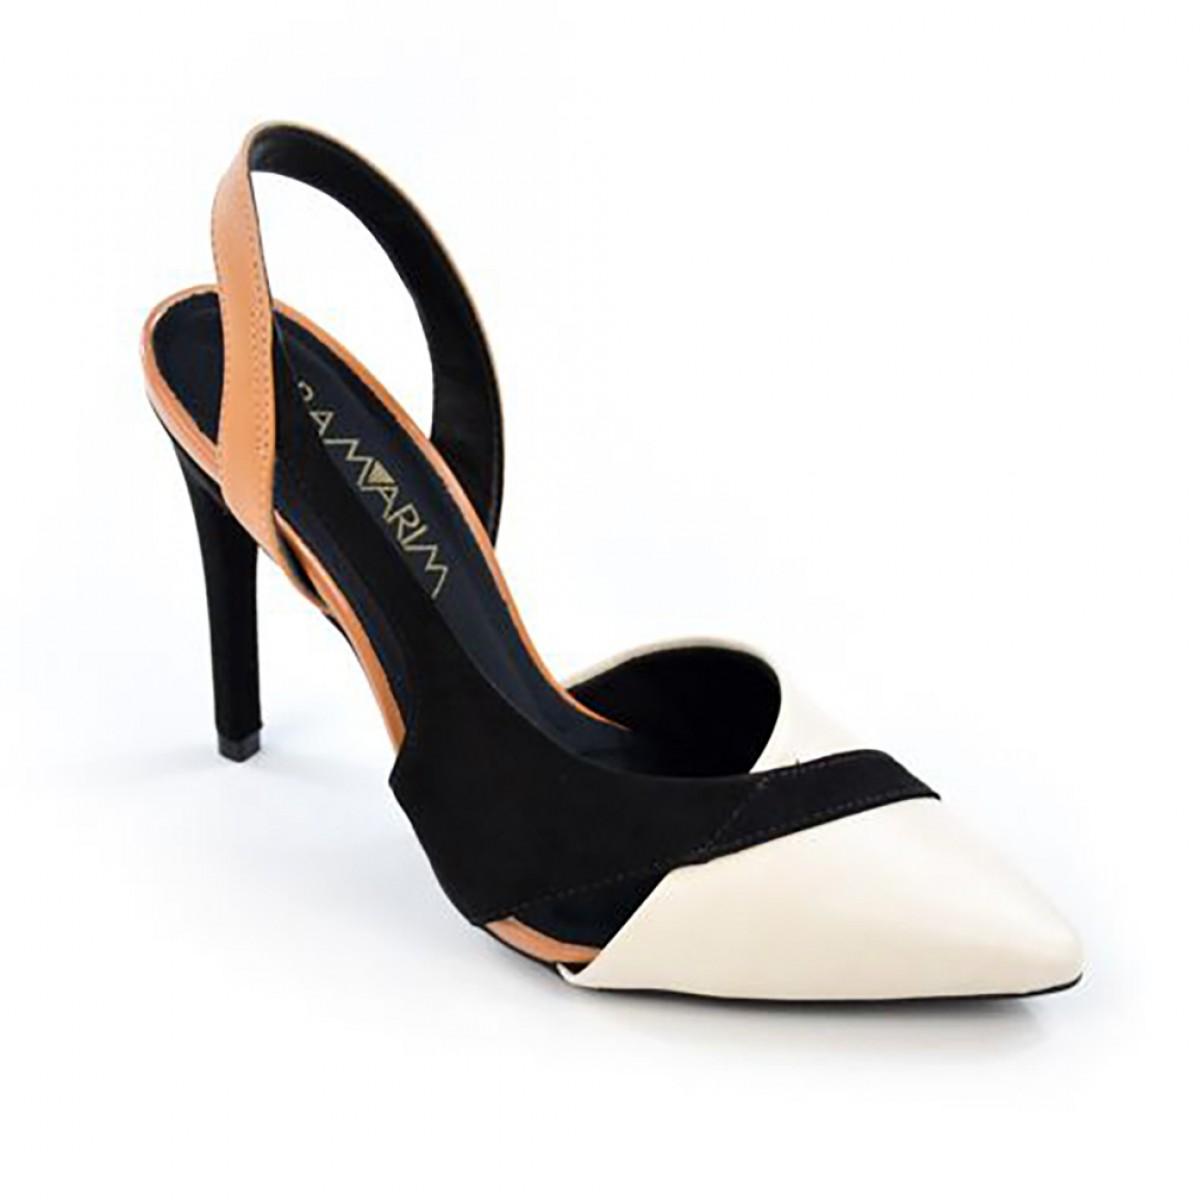 c89a8e5994 Sandália Scarpin Ramarim Chanel Preto Branco e Bege - Compre Agora ...